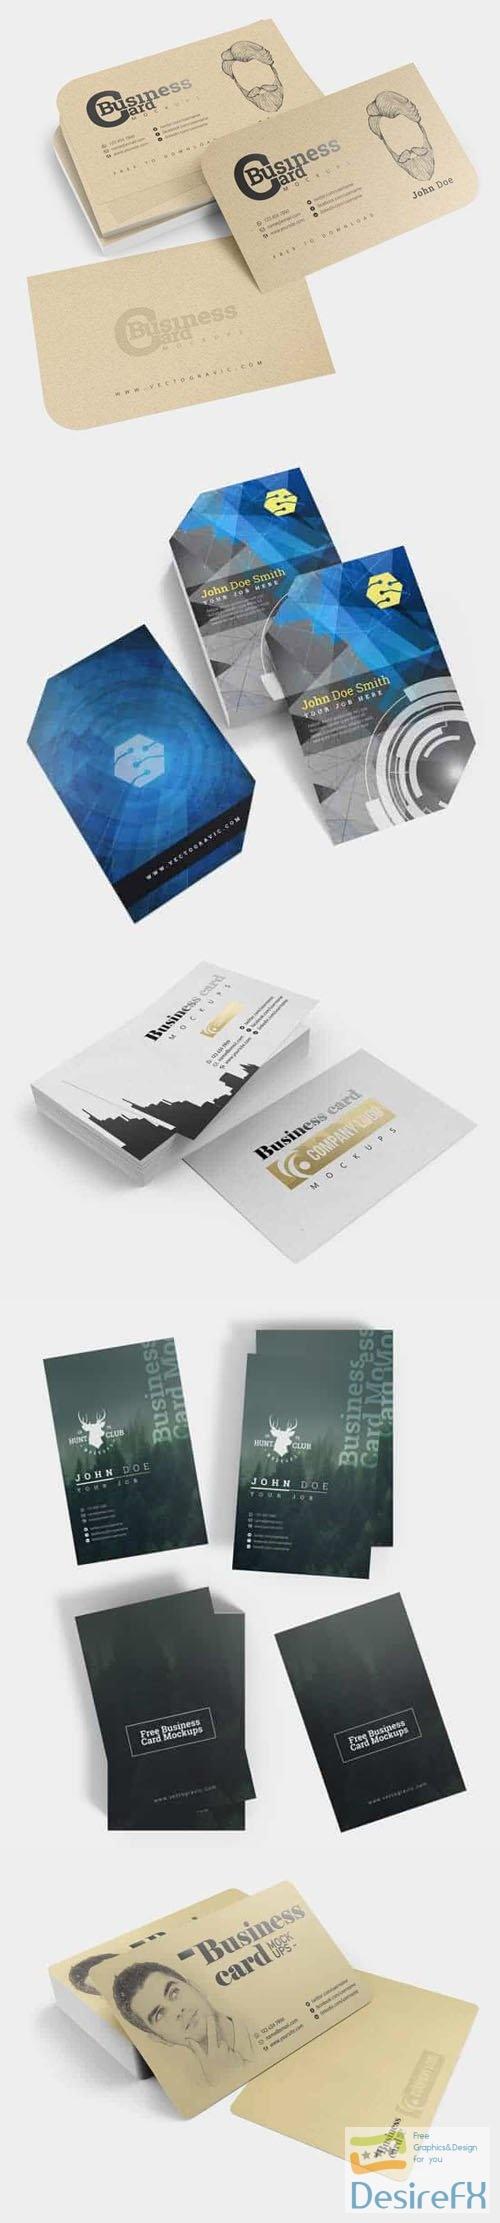 5 Various Business Cards PSD Mockups Templates